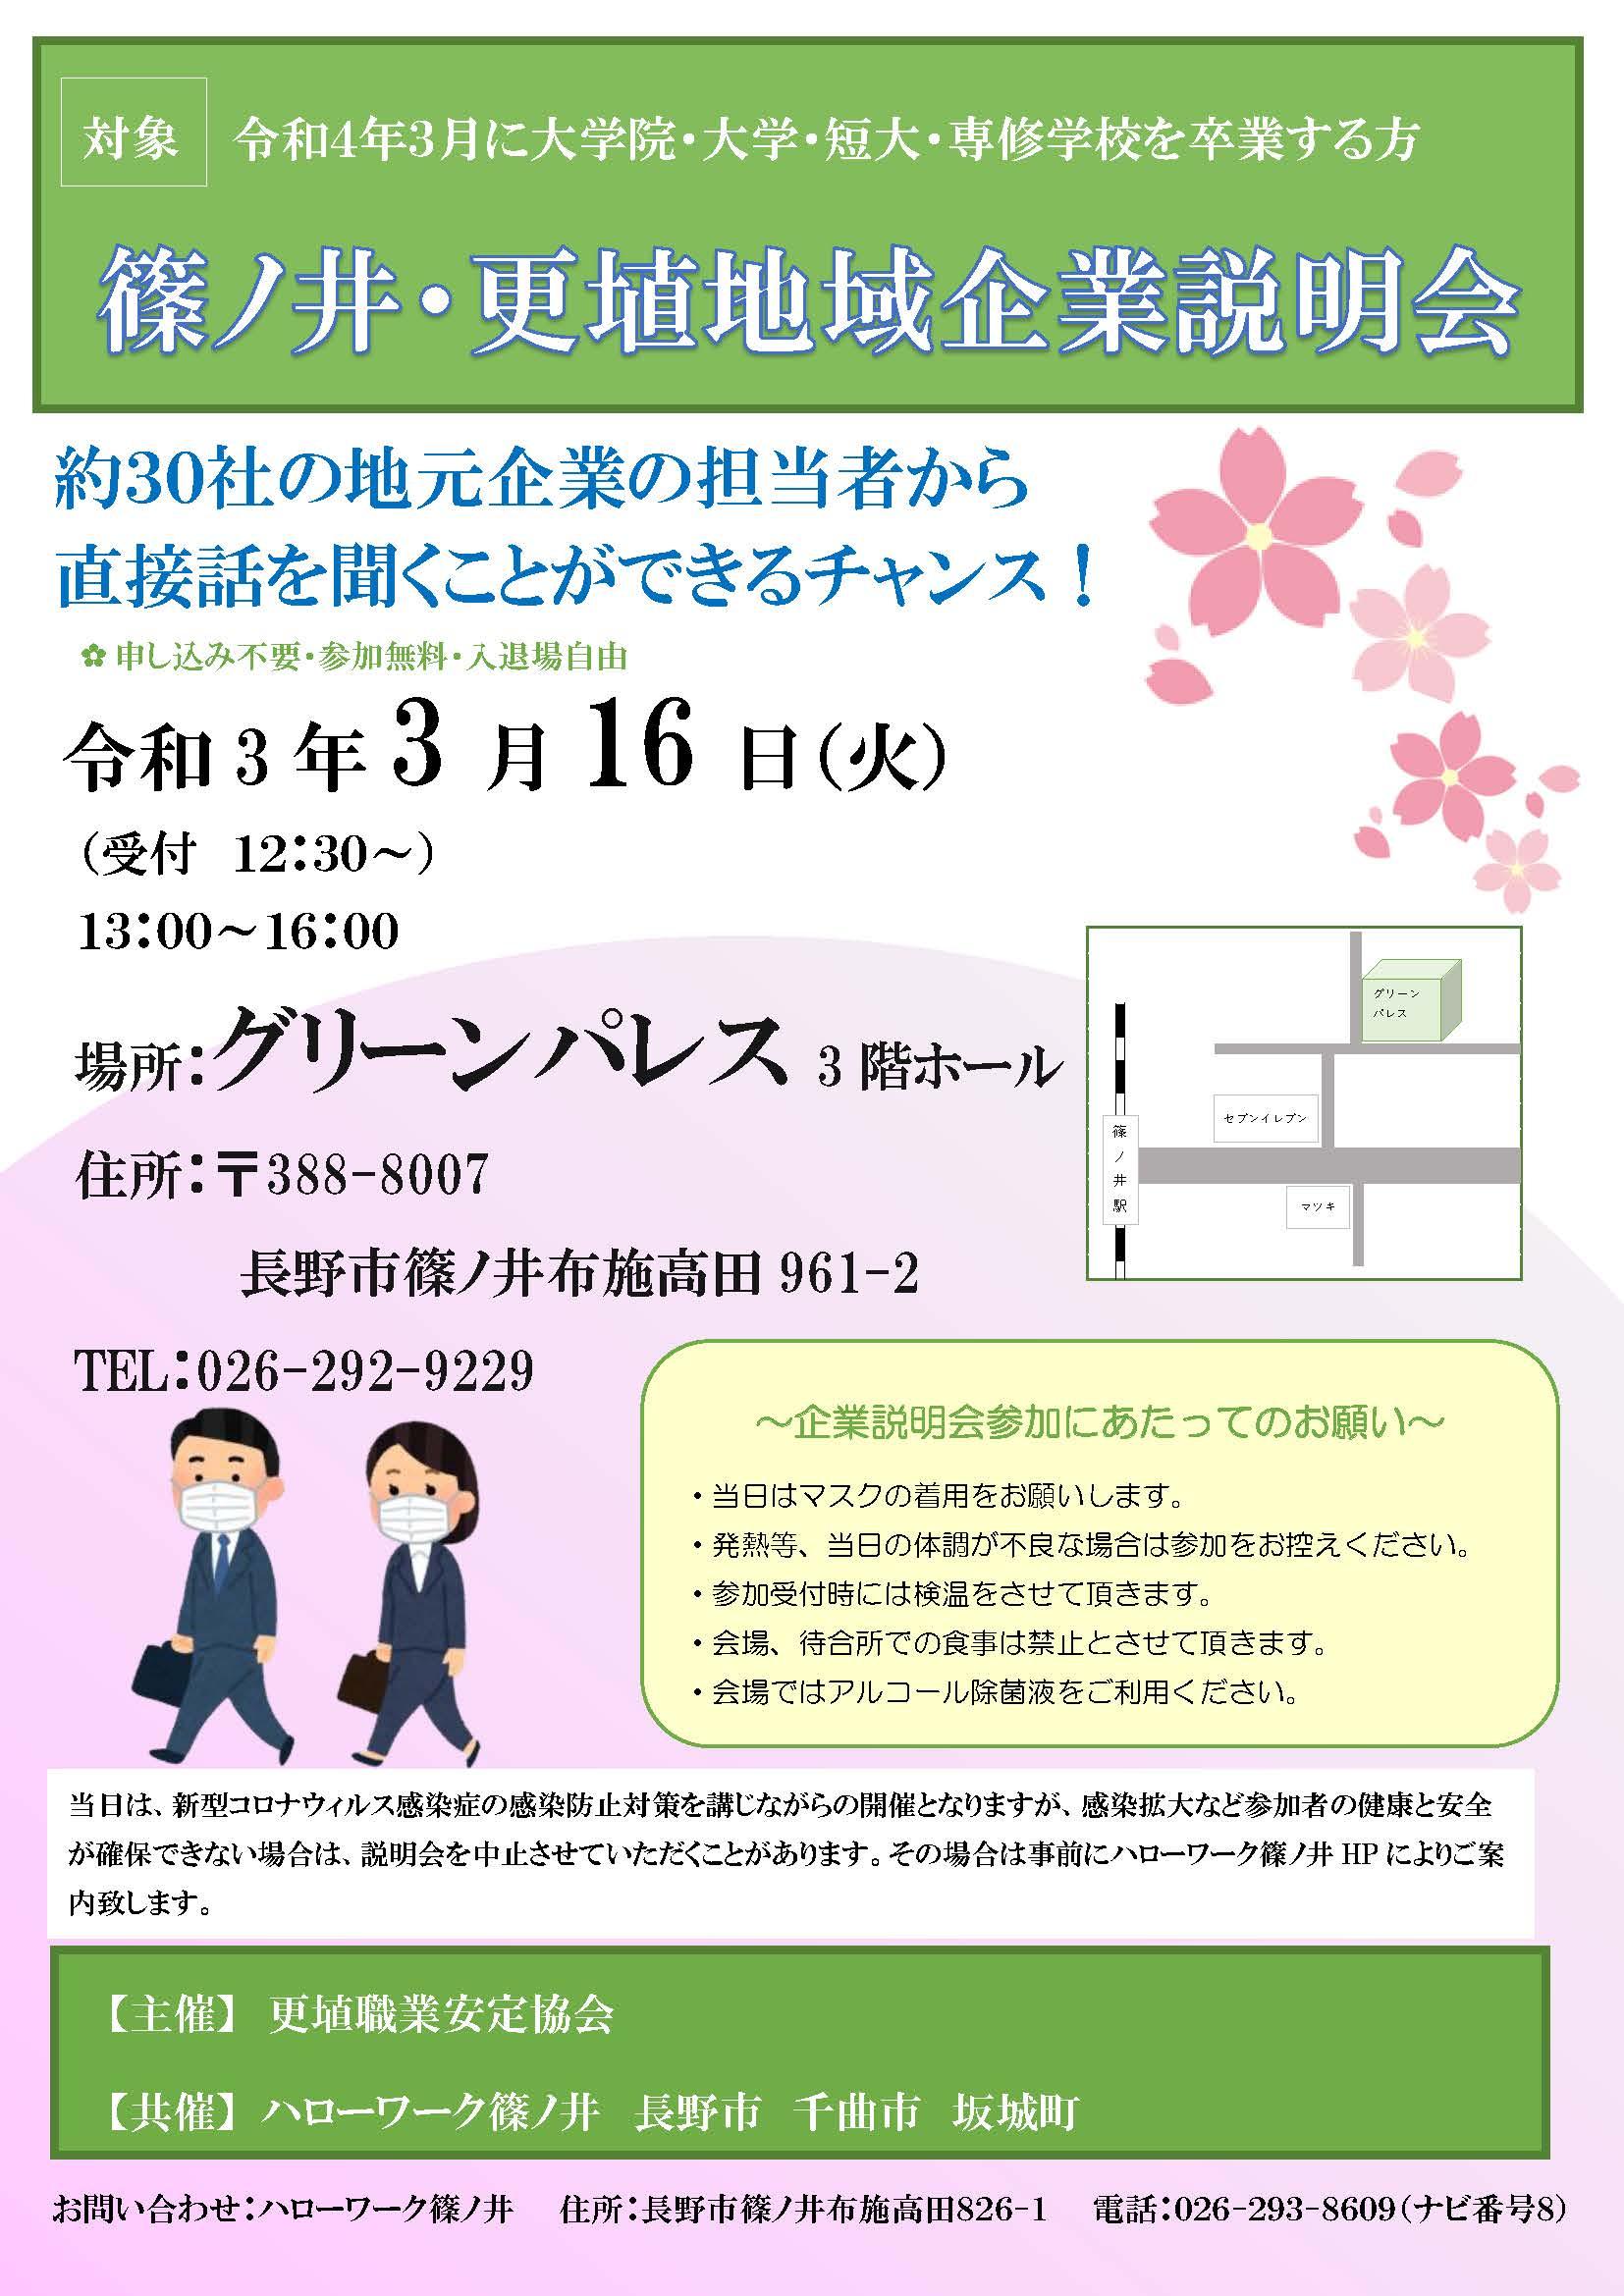 篠ノ井・更埴地域企業説明会